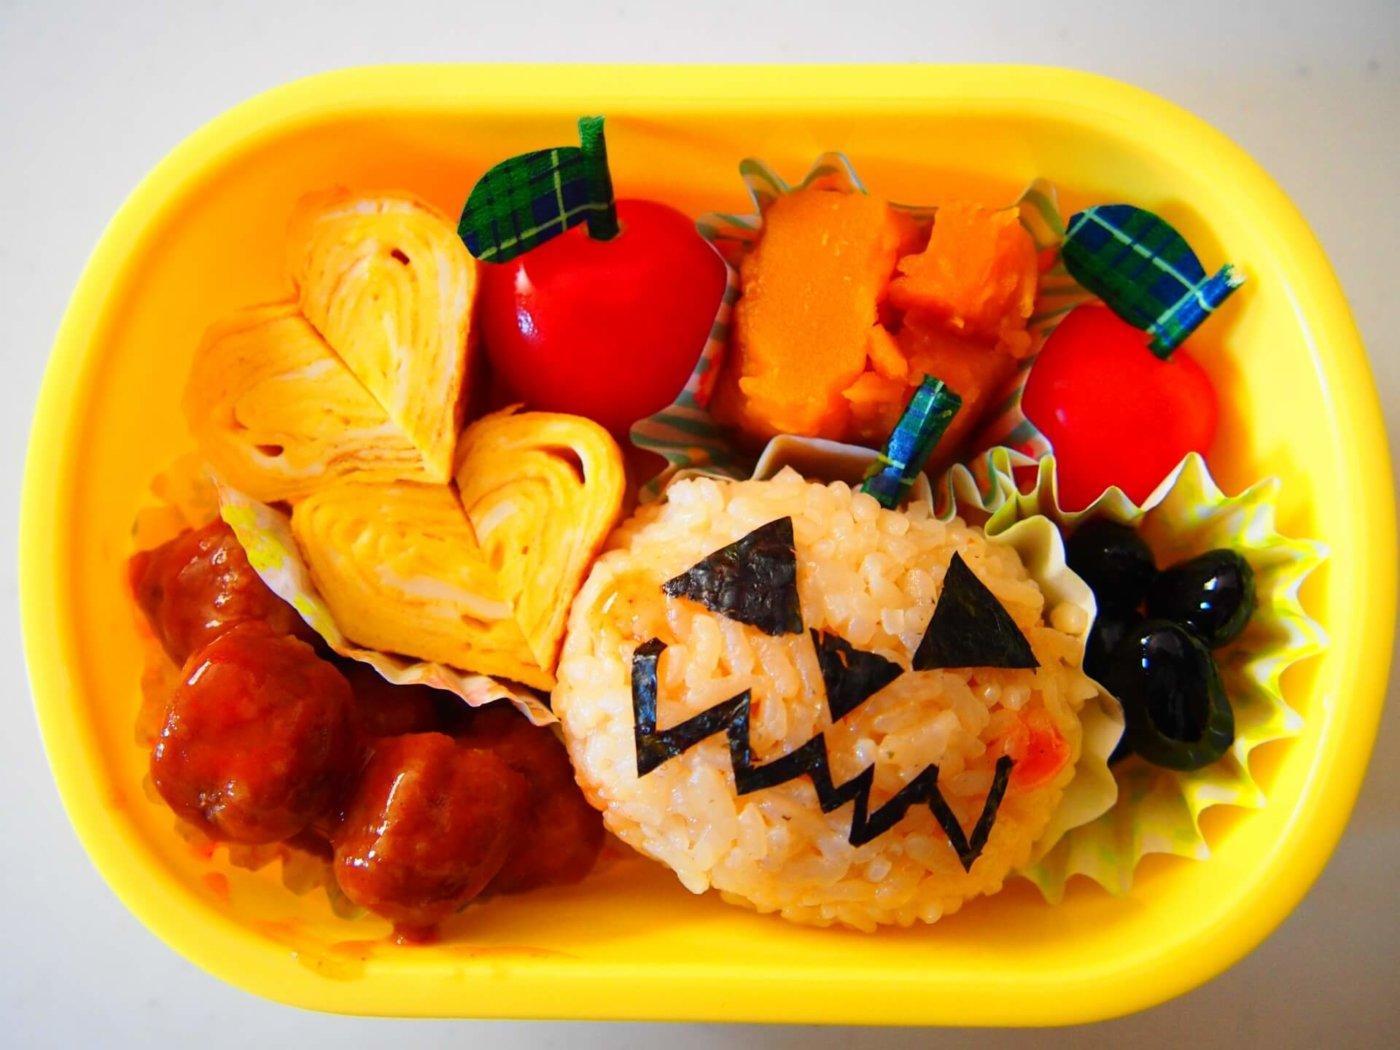 ハロウィン弁当は簡単!応用しやすい食材でハロウィン弁当の作り方